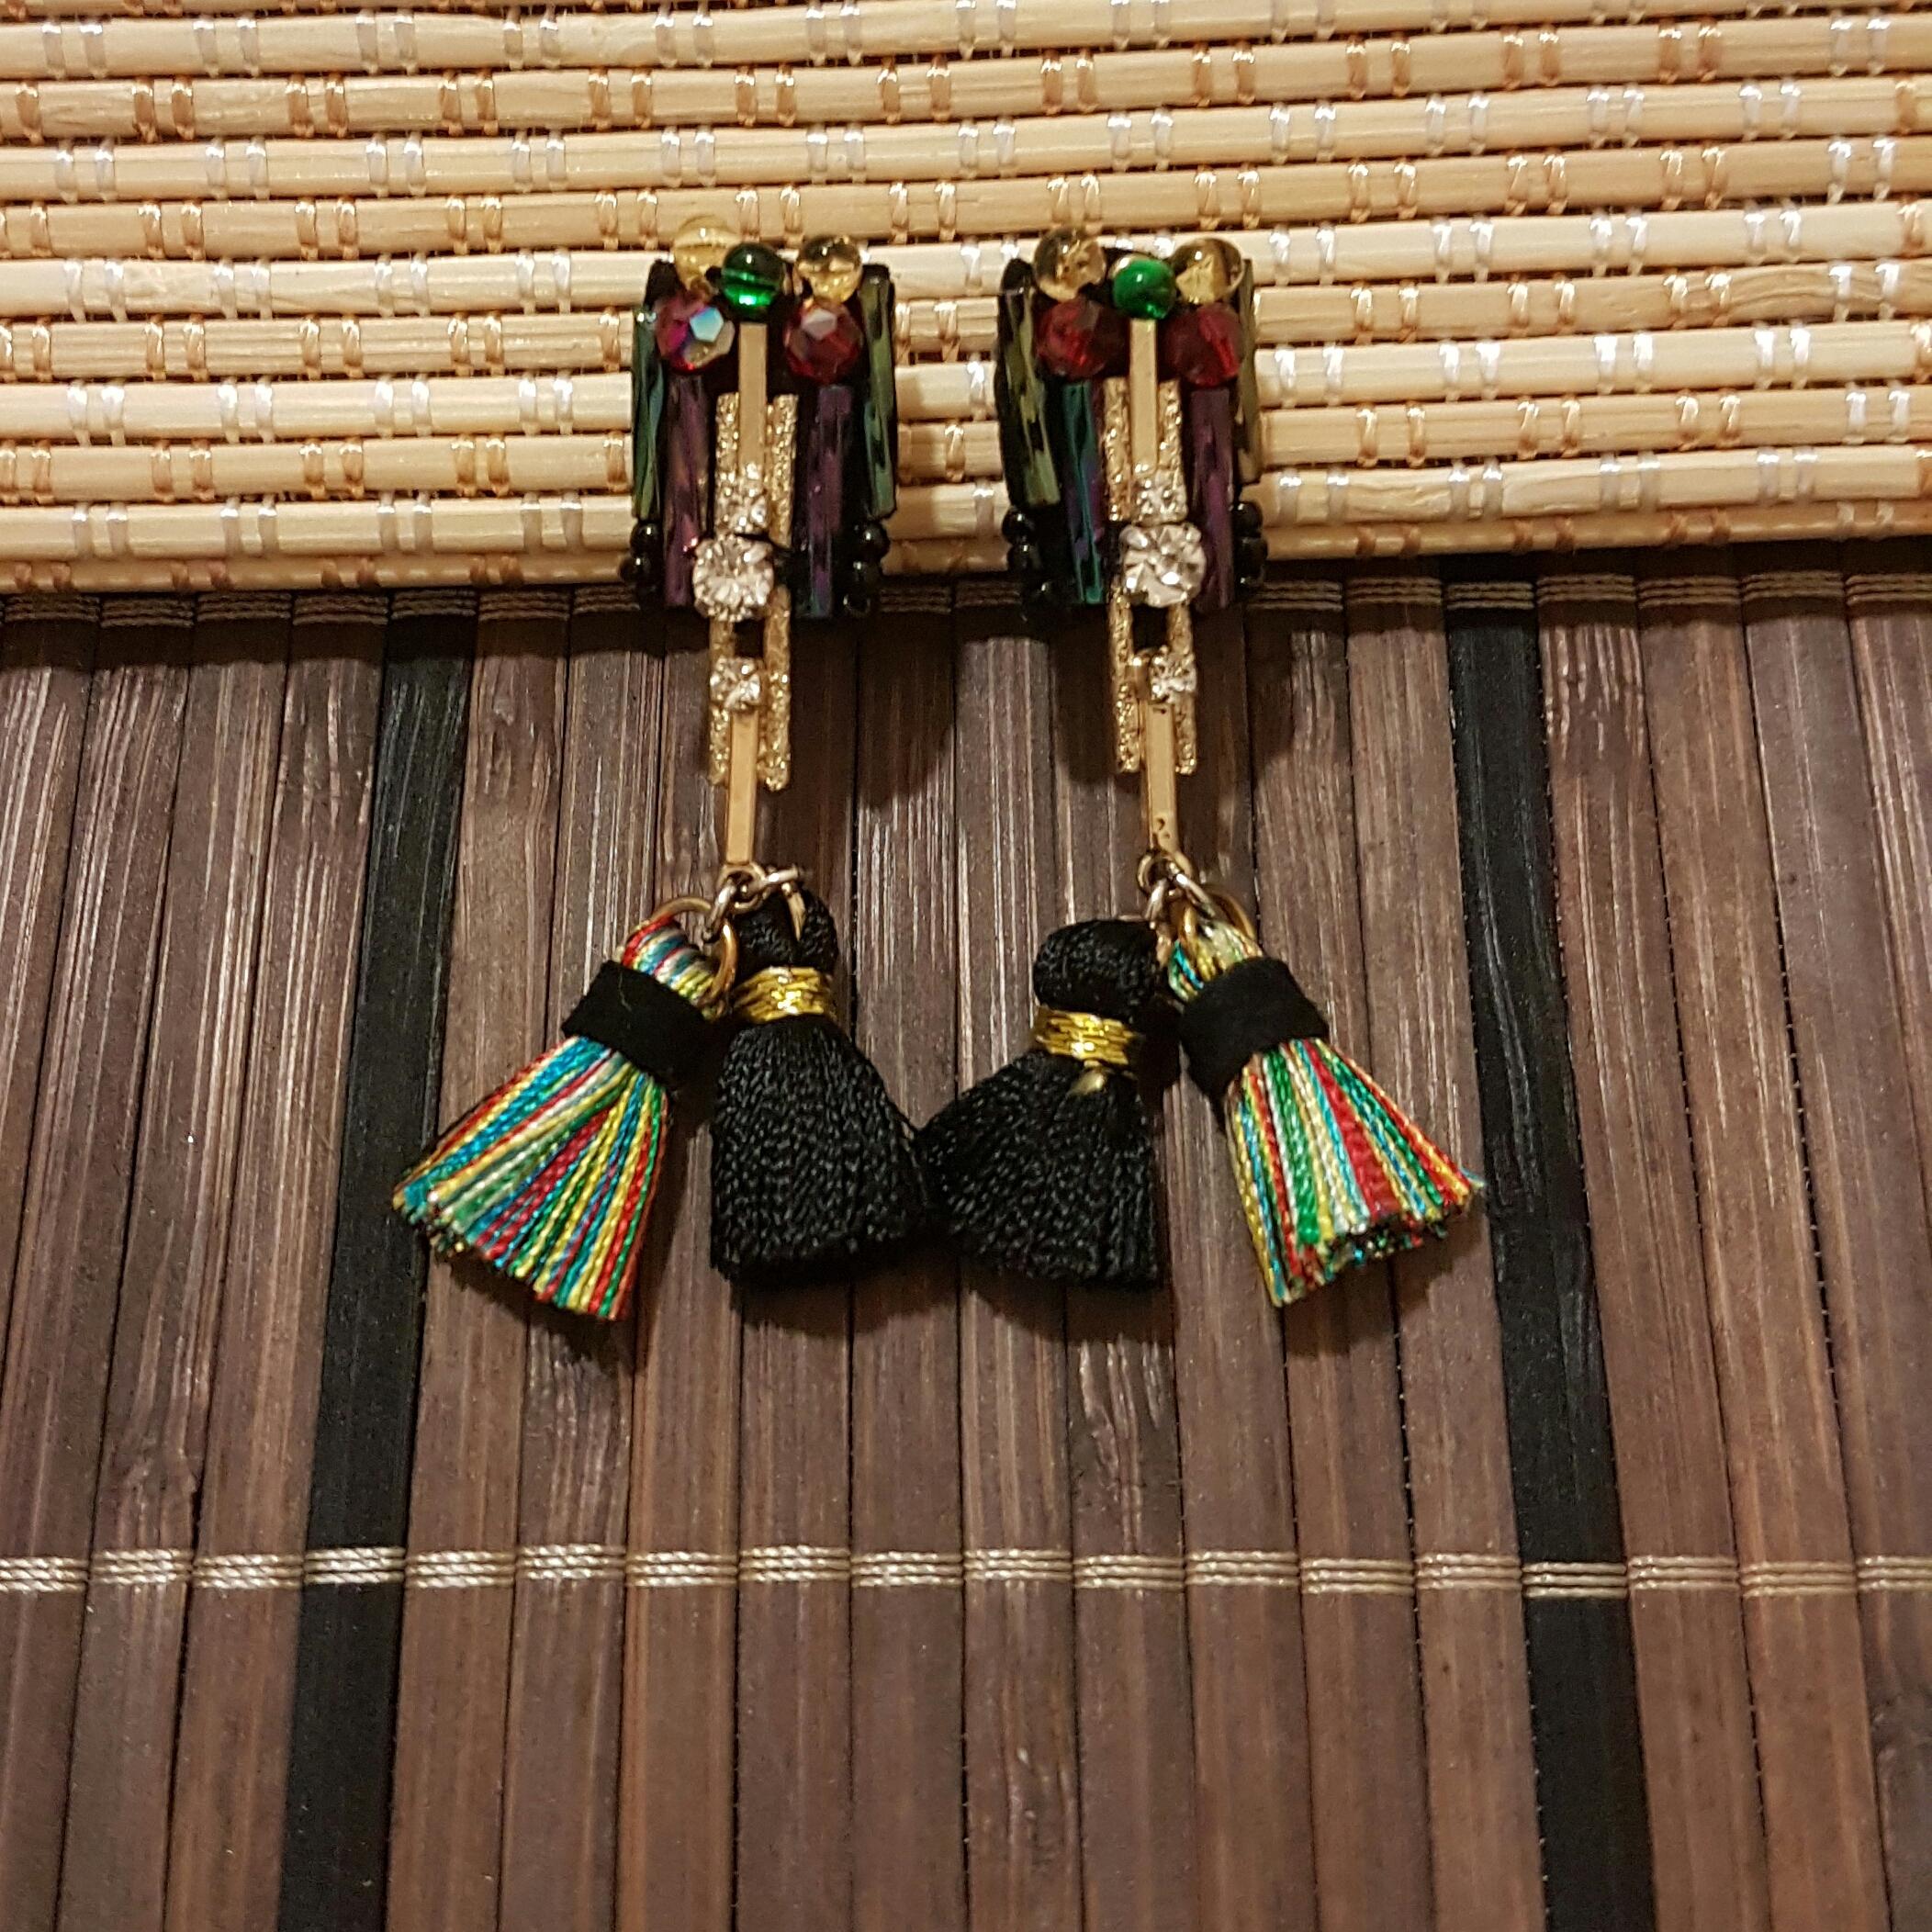   ART003   Aztec Rainbow Earrings